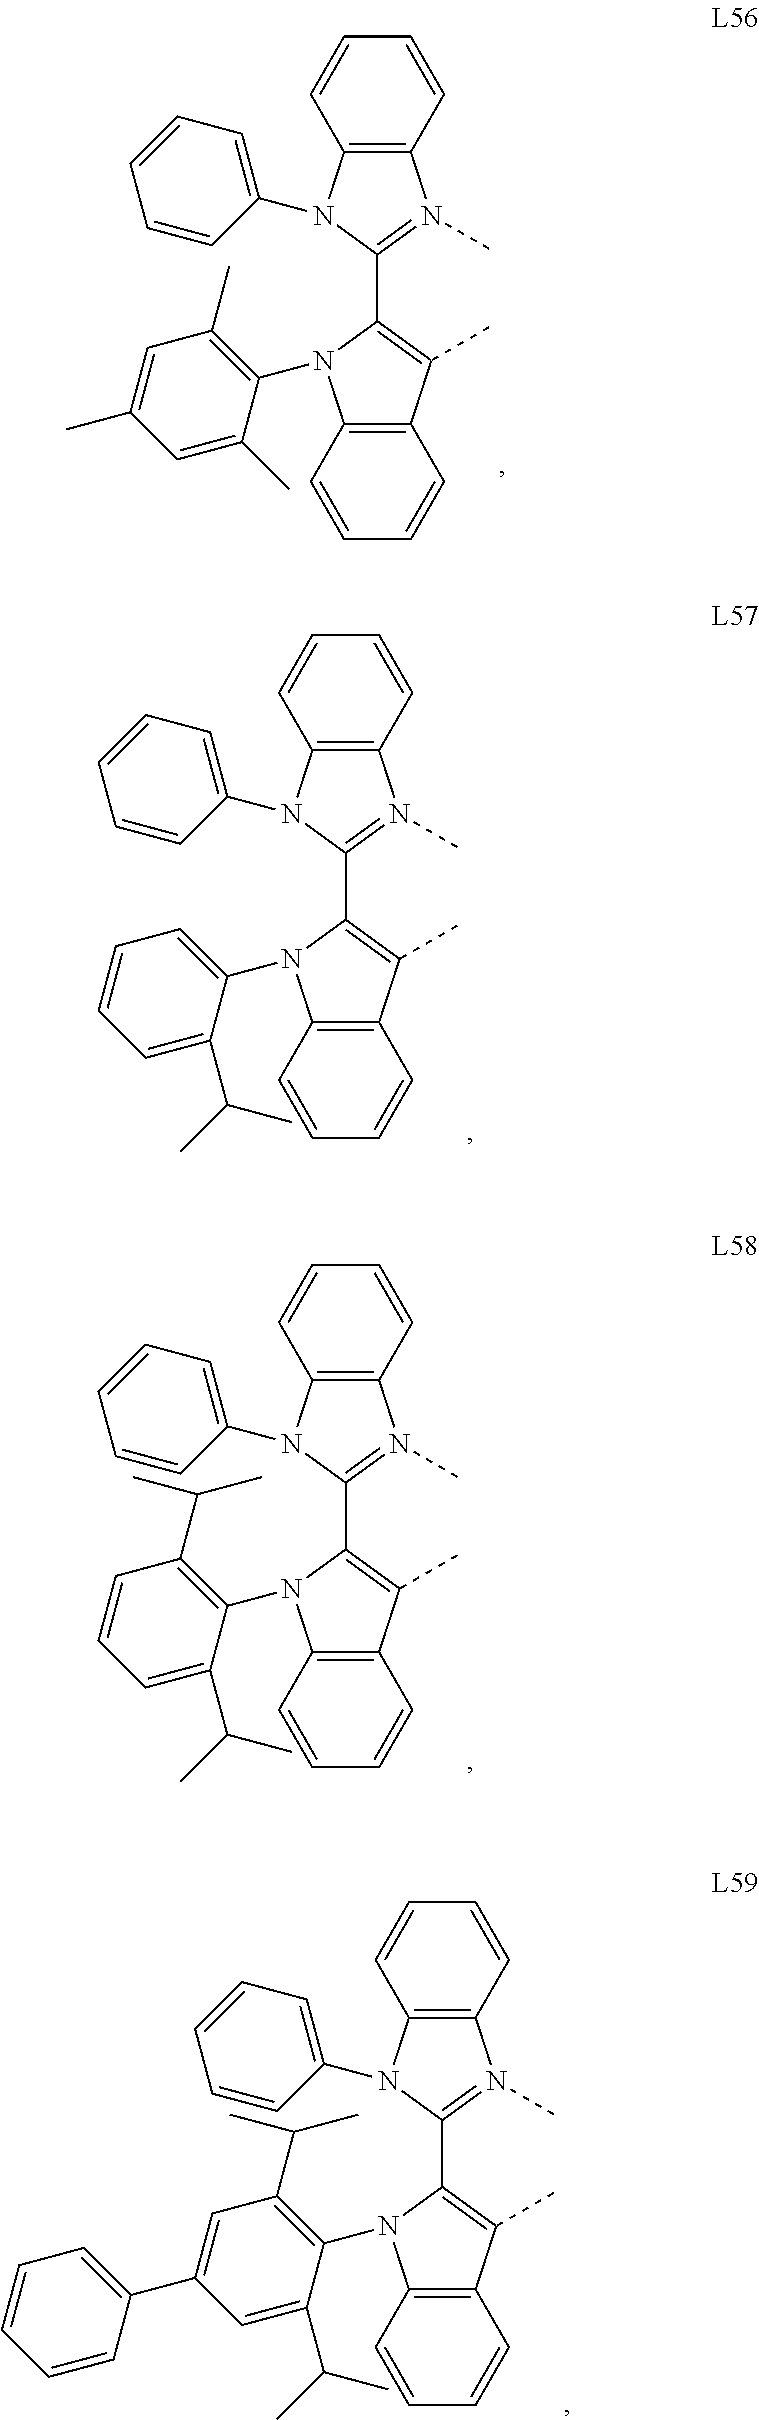 Figure US09935277-20180403-C00016